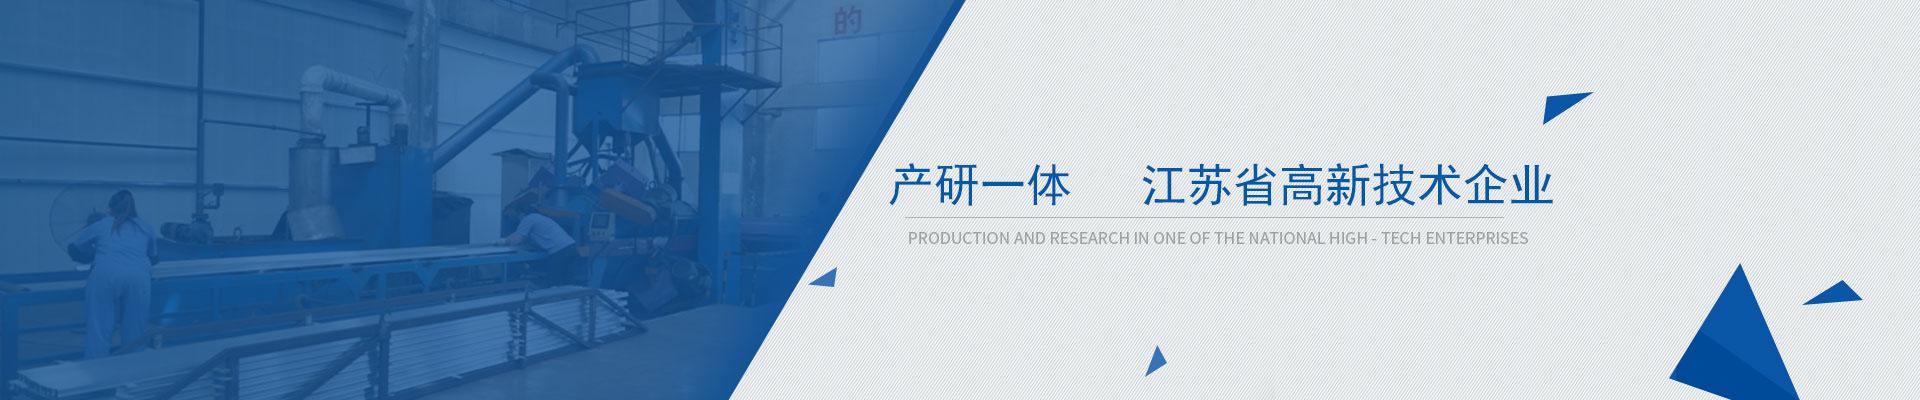 鸿发产研一体,江苏省高新技术企业